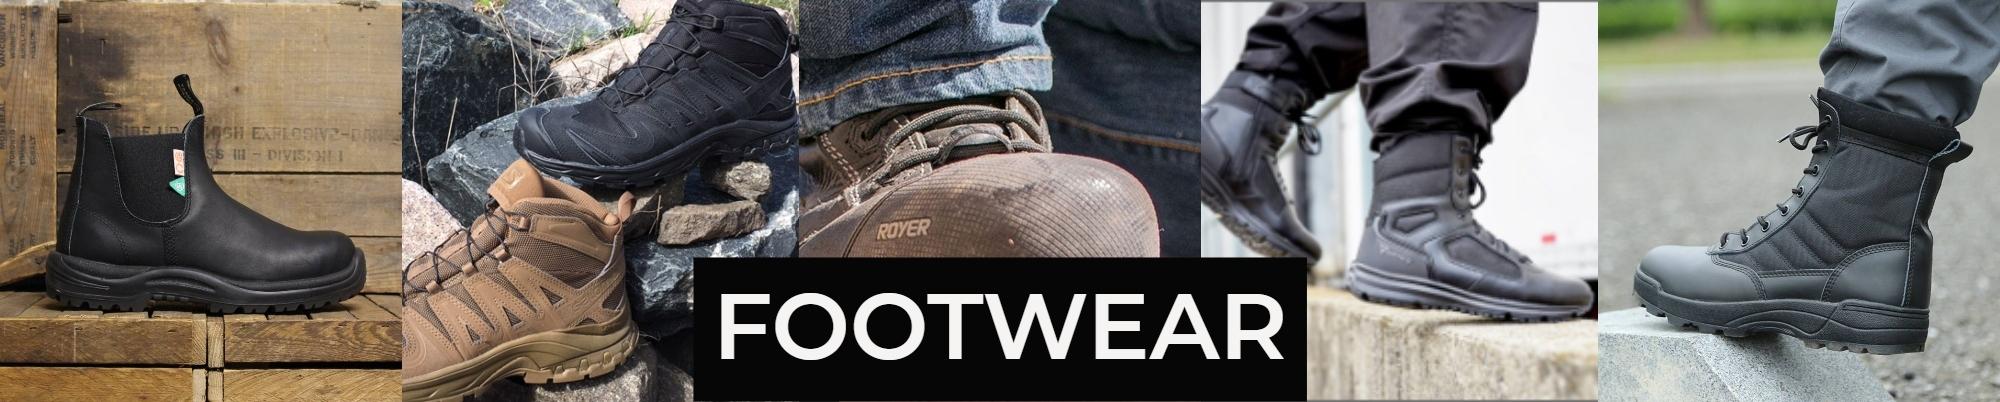 bootsformenu1.jpg